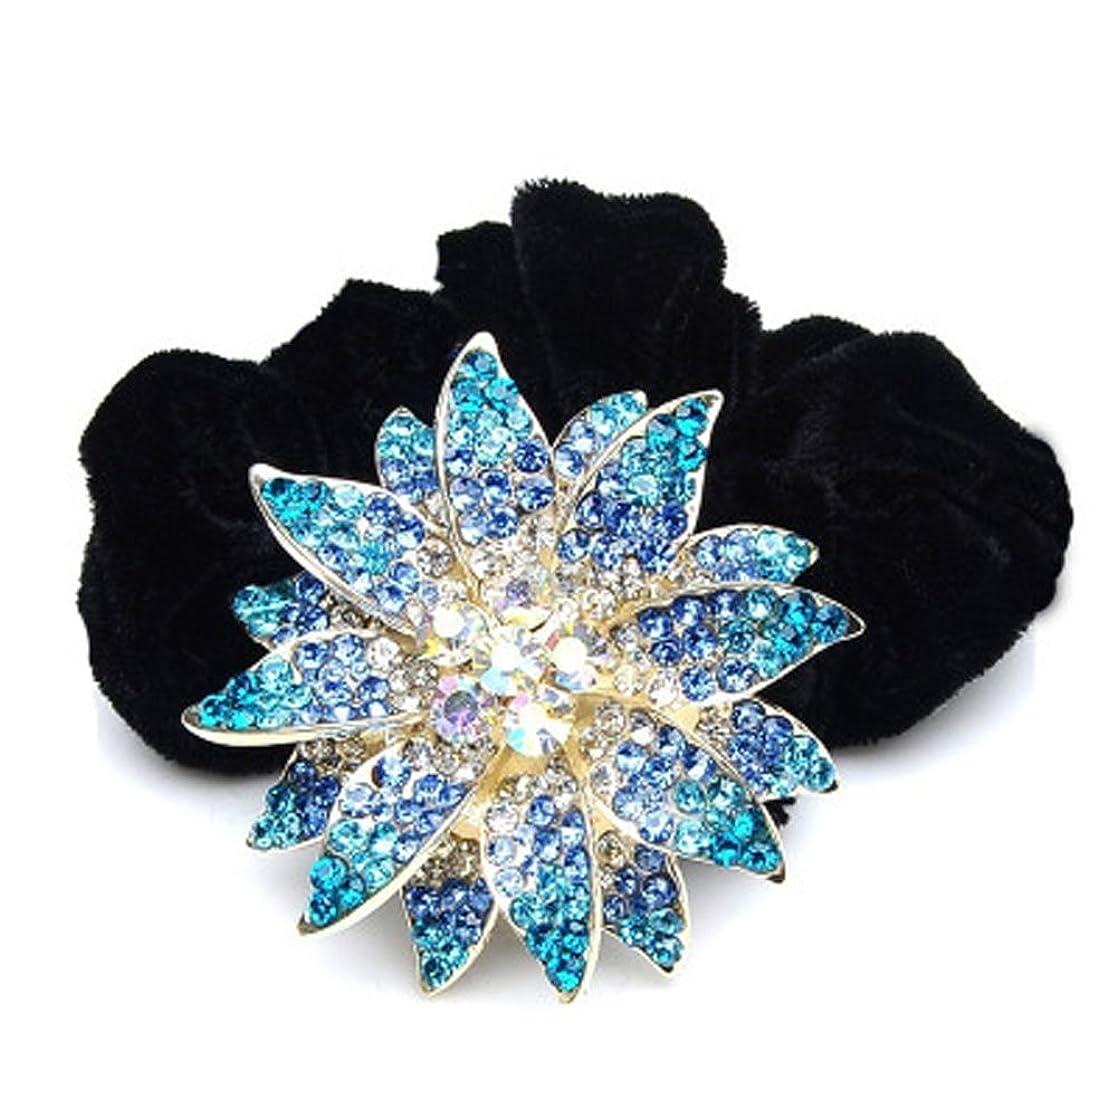 バナーパンツ引数高品位ベルベットリングクリスタルダイヤモンドヘアアクセサリー - スカイブルーの花